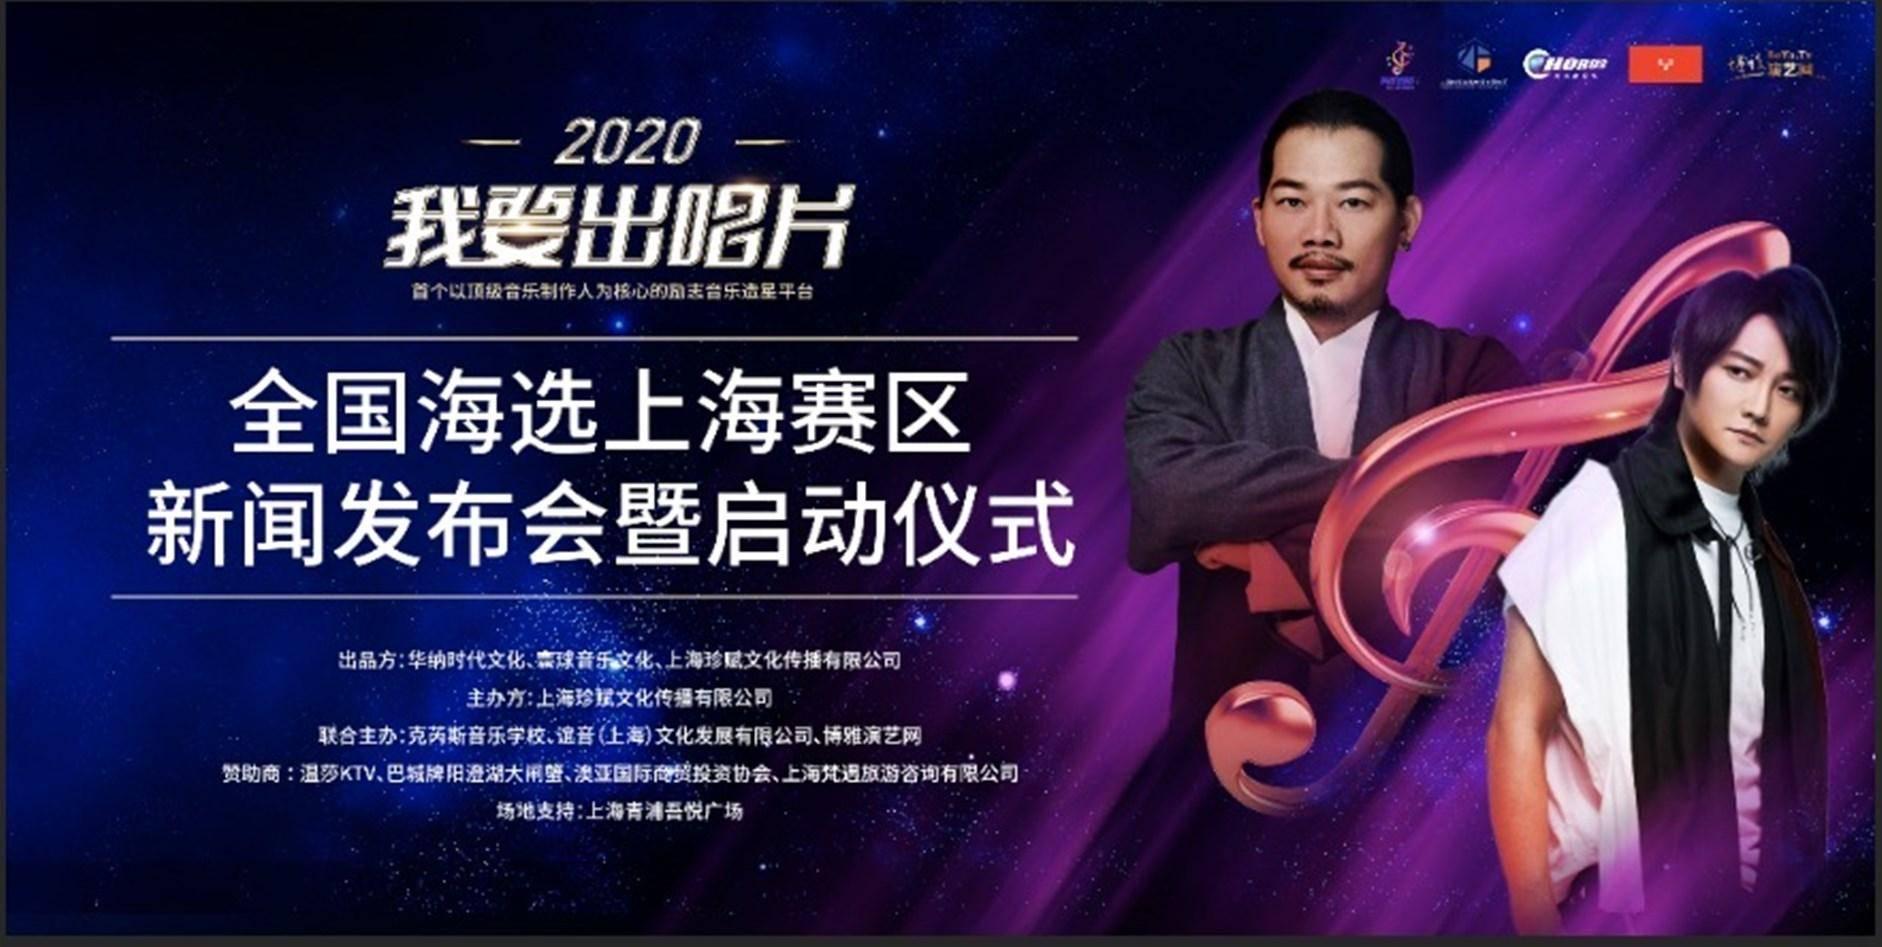 2020《我要出唱片》上海赛区启动仪式暨新闻发布会完美落幕